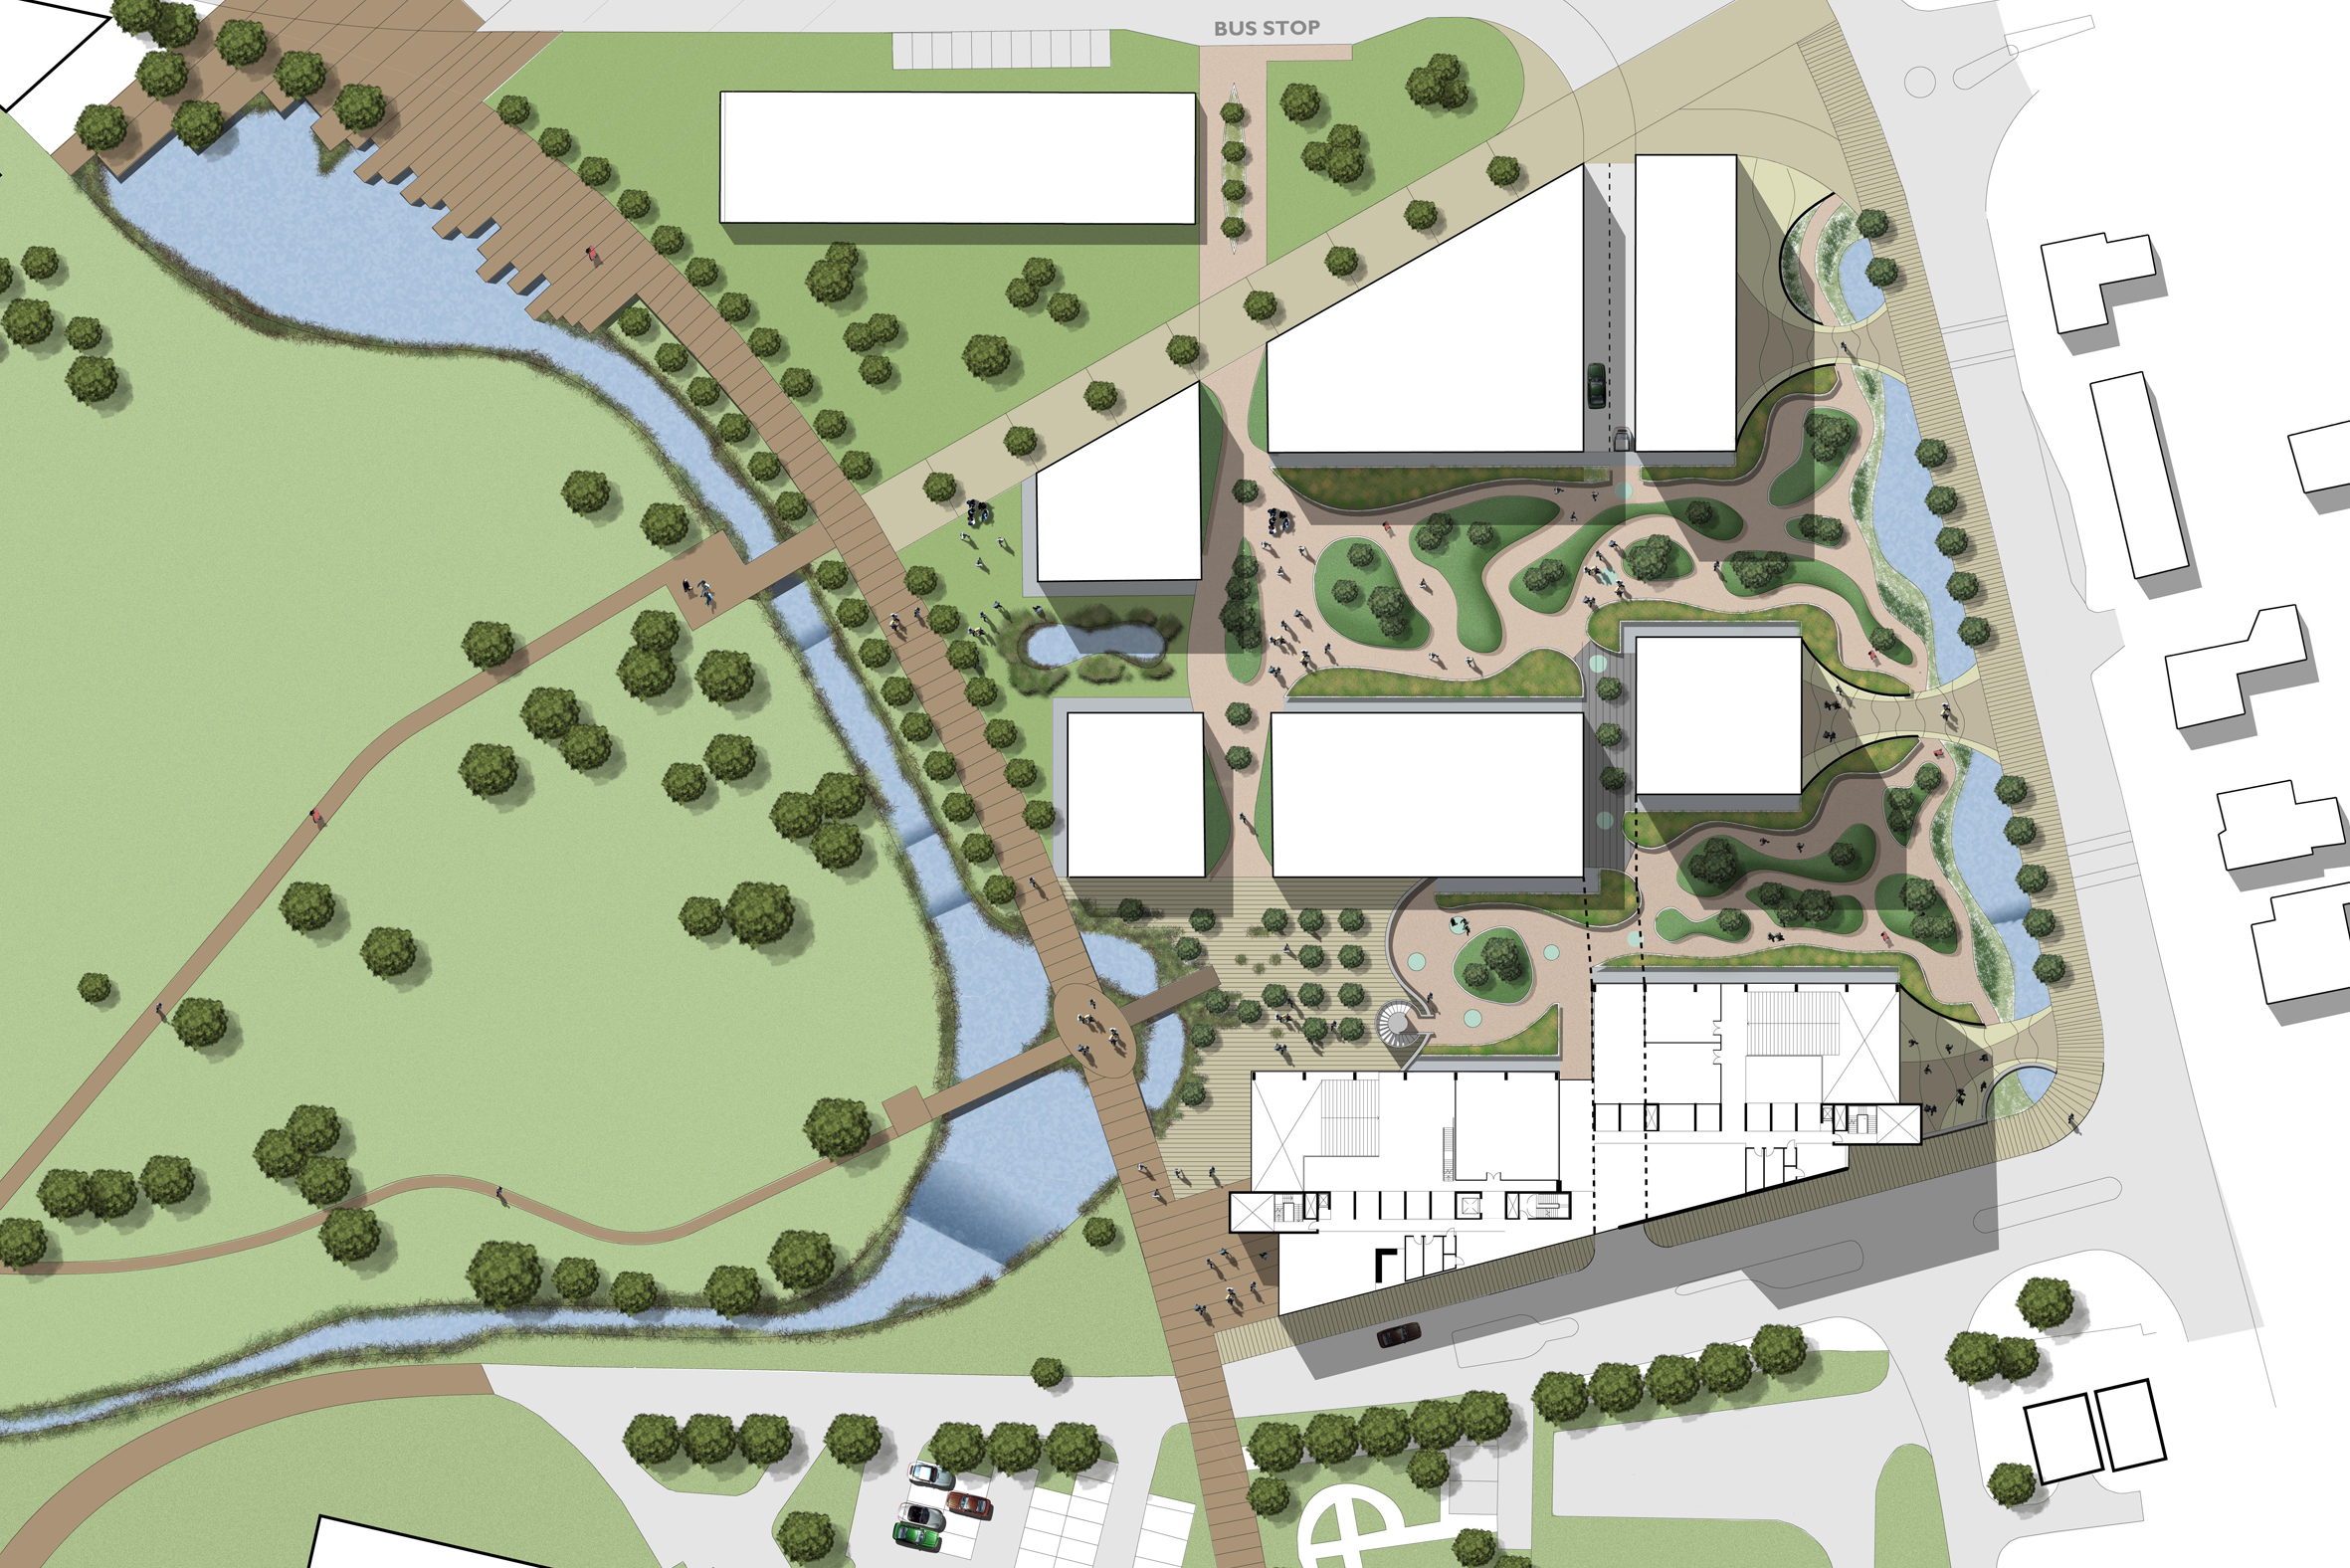 kaplan site planning and design pdf